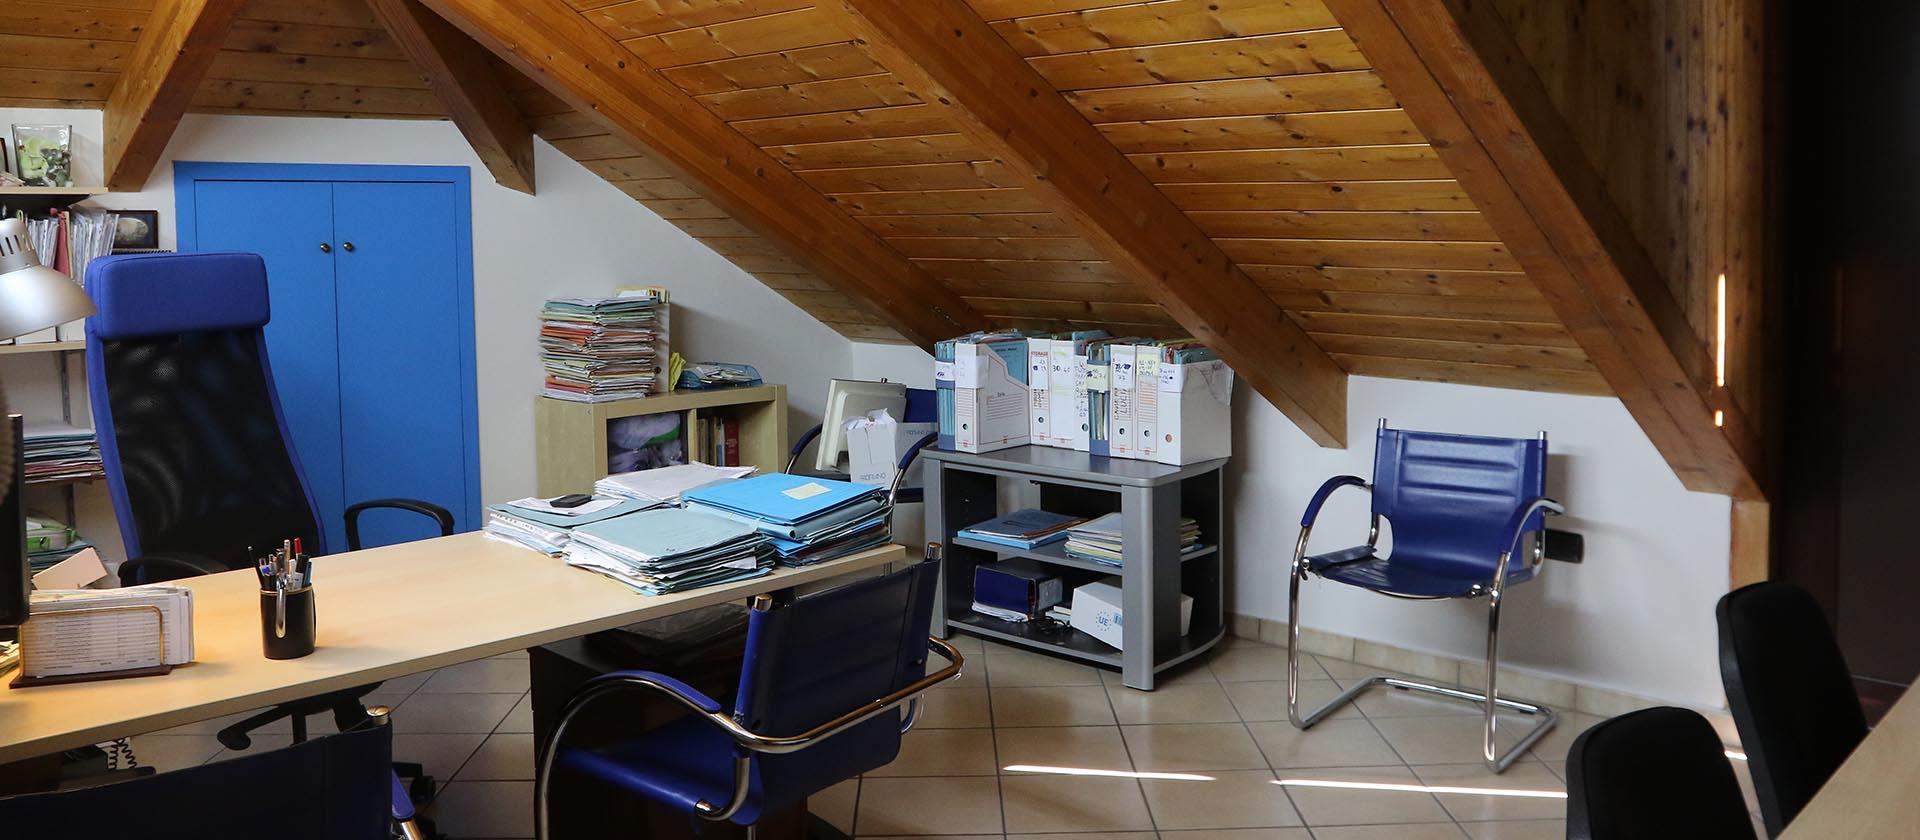 Servizi Immobiliari Giugliano in Campania Napoli